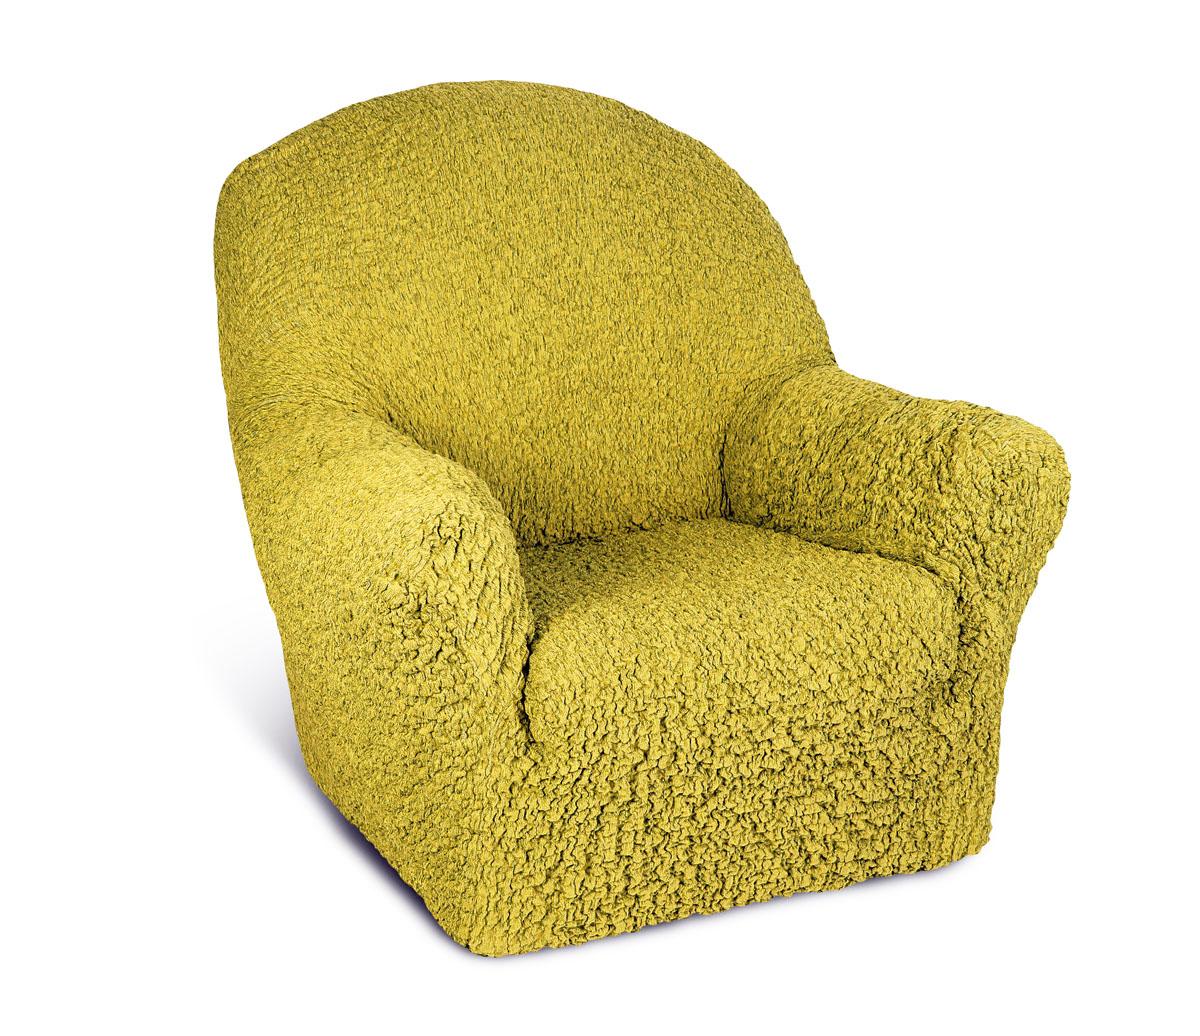 Чехол на кресло Еврочехол Шинил, цвет: янтарный, 60-90 см4/93-1Чехол на кресло Еврочехол Шинил выполнен из 54% акрила, 26% хлопка, 18% полиэстера, 2% эластана. Он идеально подойдет для тех, кто хочет защитить свою мебель от постоянных воздействий. Этот чехол, благодаря прочности ткани, станет идеальным решением для владельцев домашних животных. Кроме того, состав ткани гипоаллергенен, а потому безопасен для малышей или людей пожилого возраста. Такой чехол отлично впишется в любой интерьер. Еврочехол послужит не только практичной защитой для вашей мебели, но и приятно удивит вас мягкостью ткани и итальянским качеством производства. Растяжимость чехла по спинке (без учета подлокотников): 60-90 см.